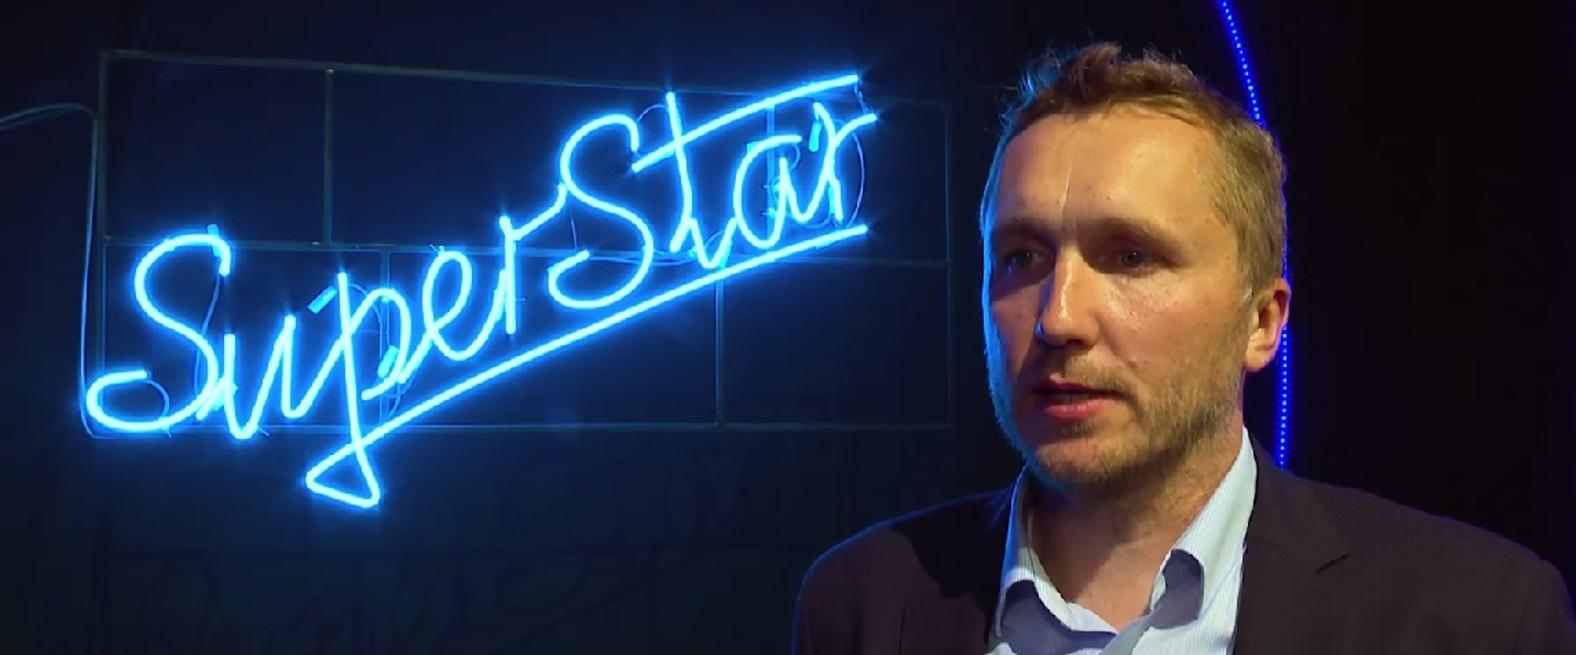 Aleksandras Cesnavicius, CEO PRO TV, despre grila de toamnă: